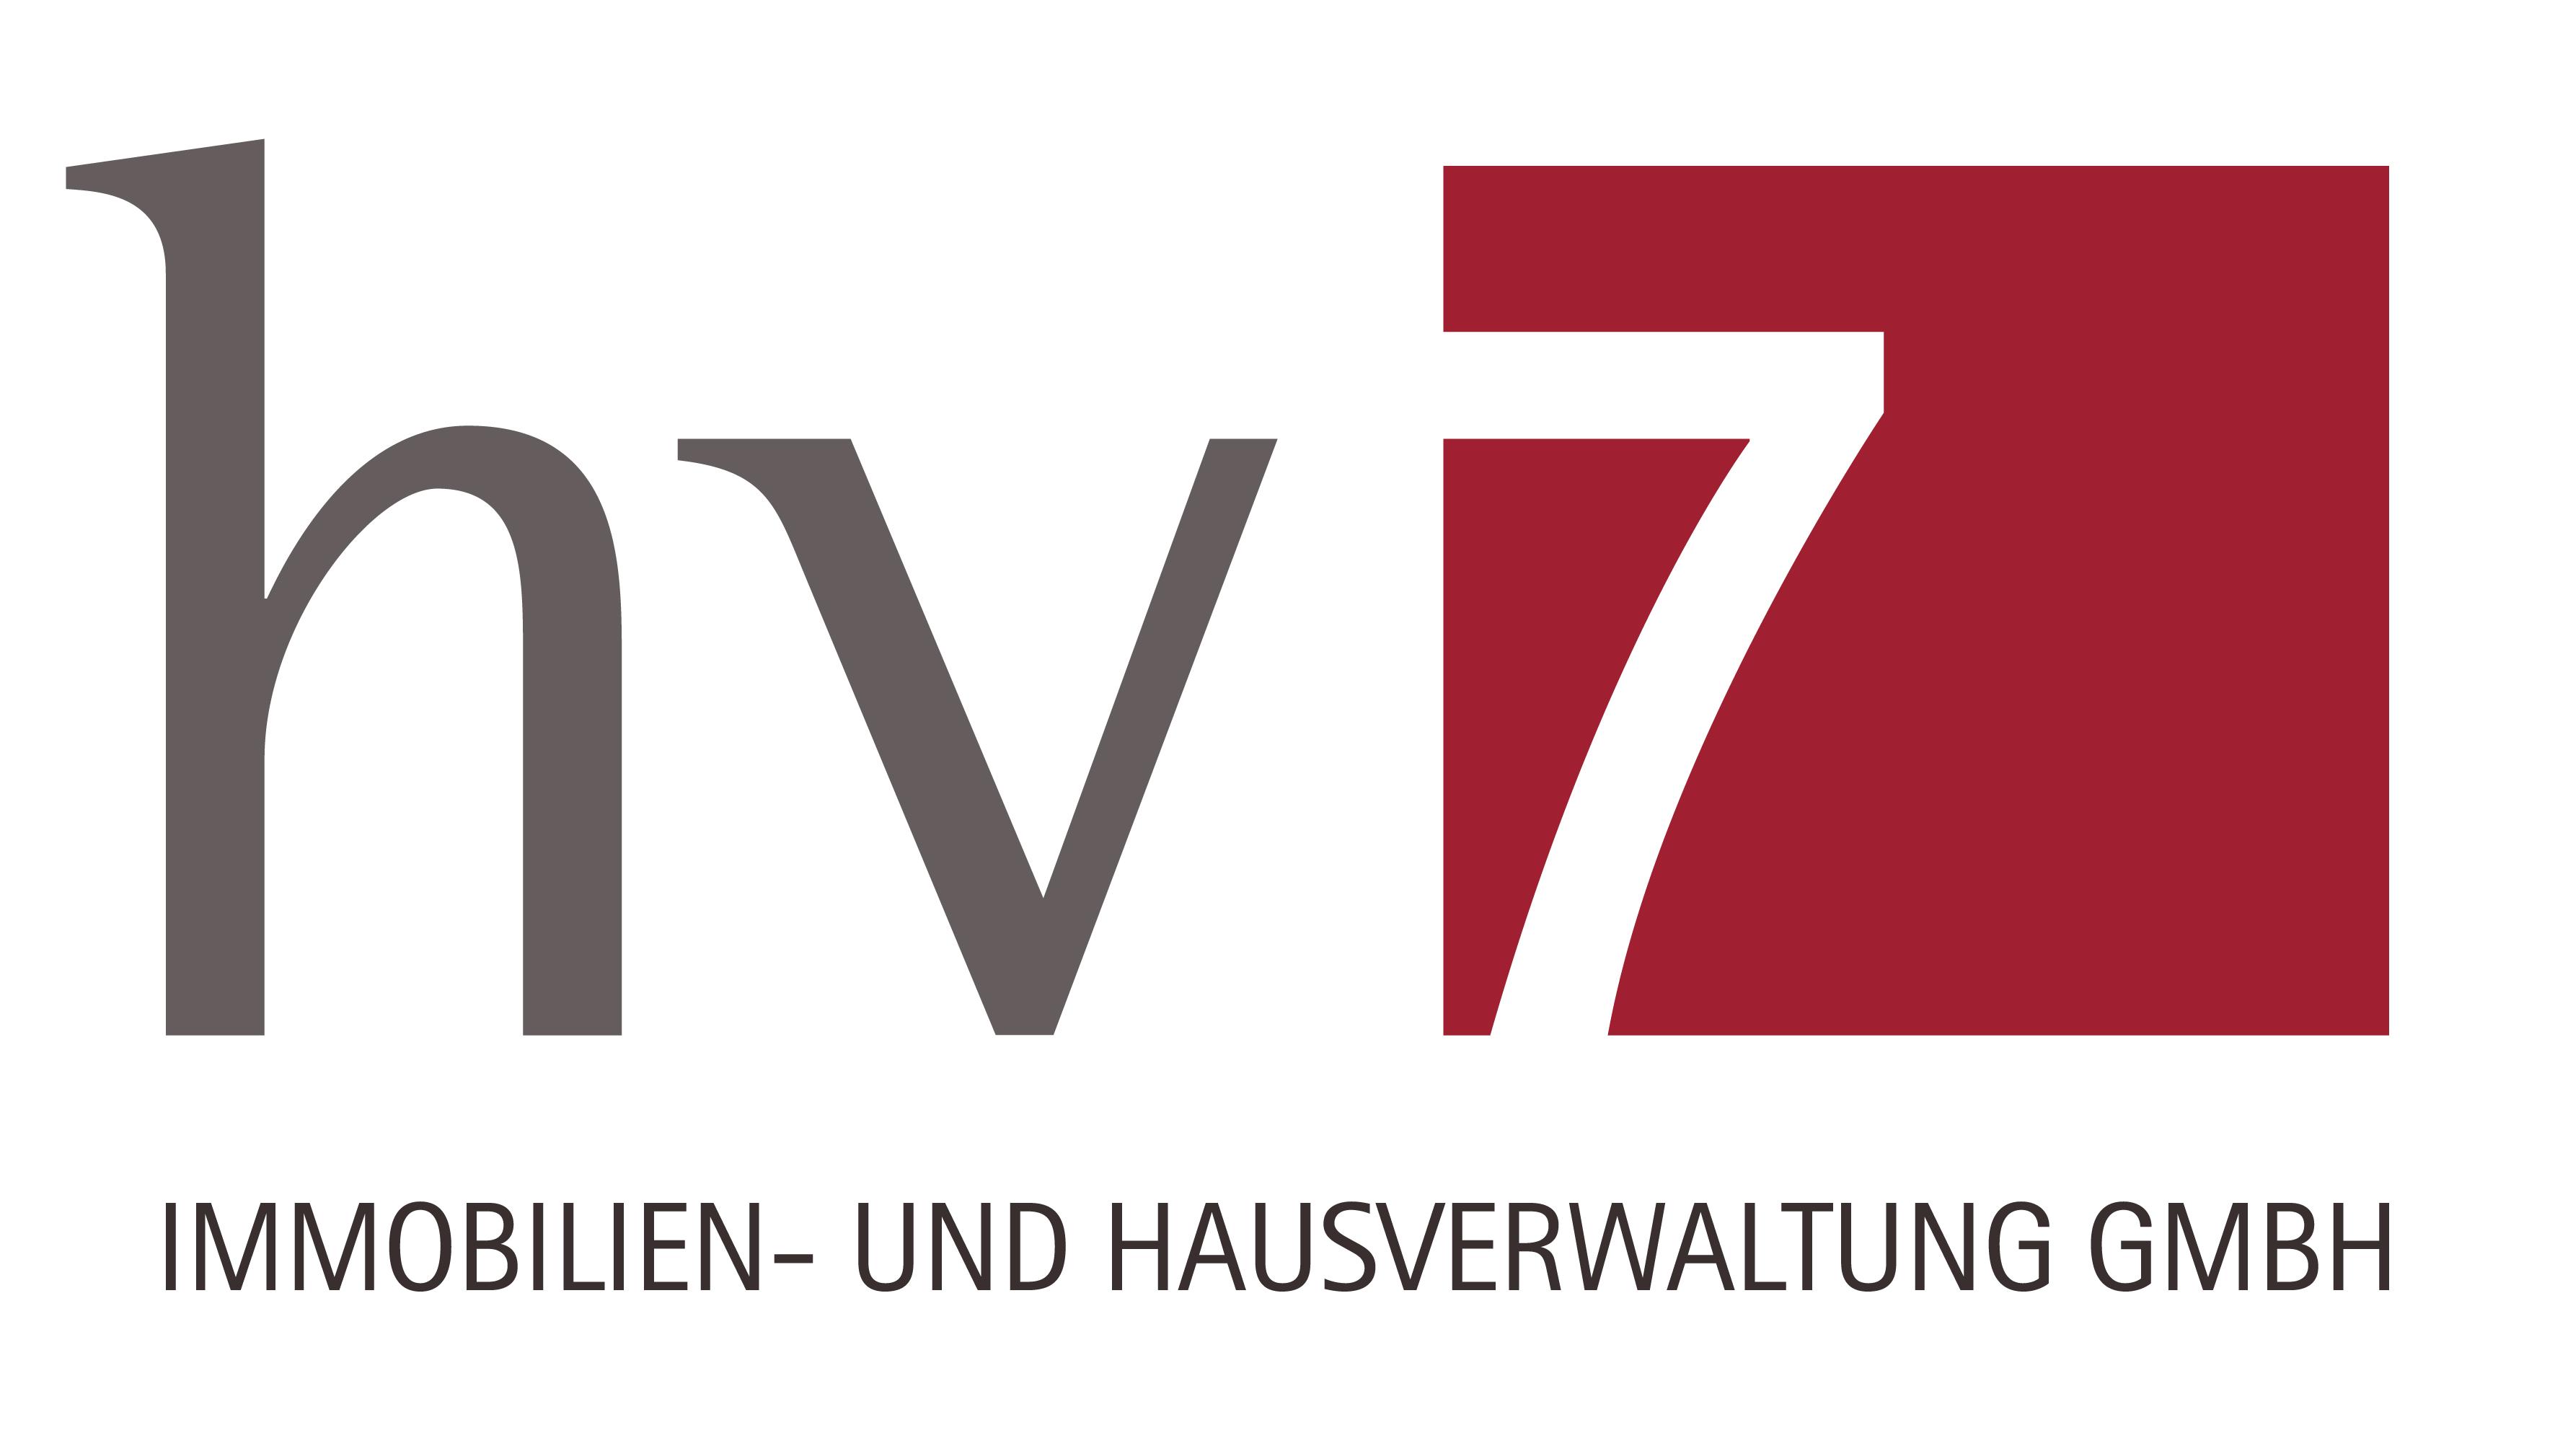 hv7 Immobilien- und Hausverwaltung GmbH